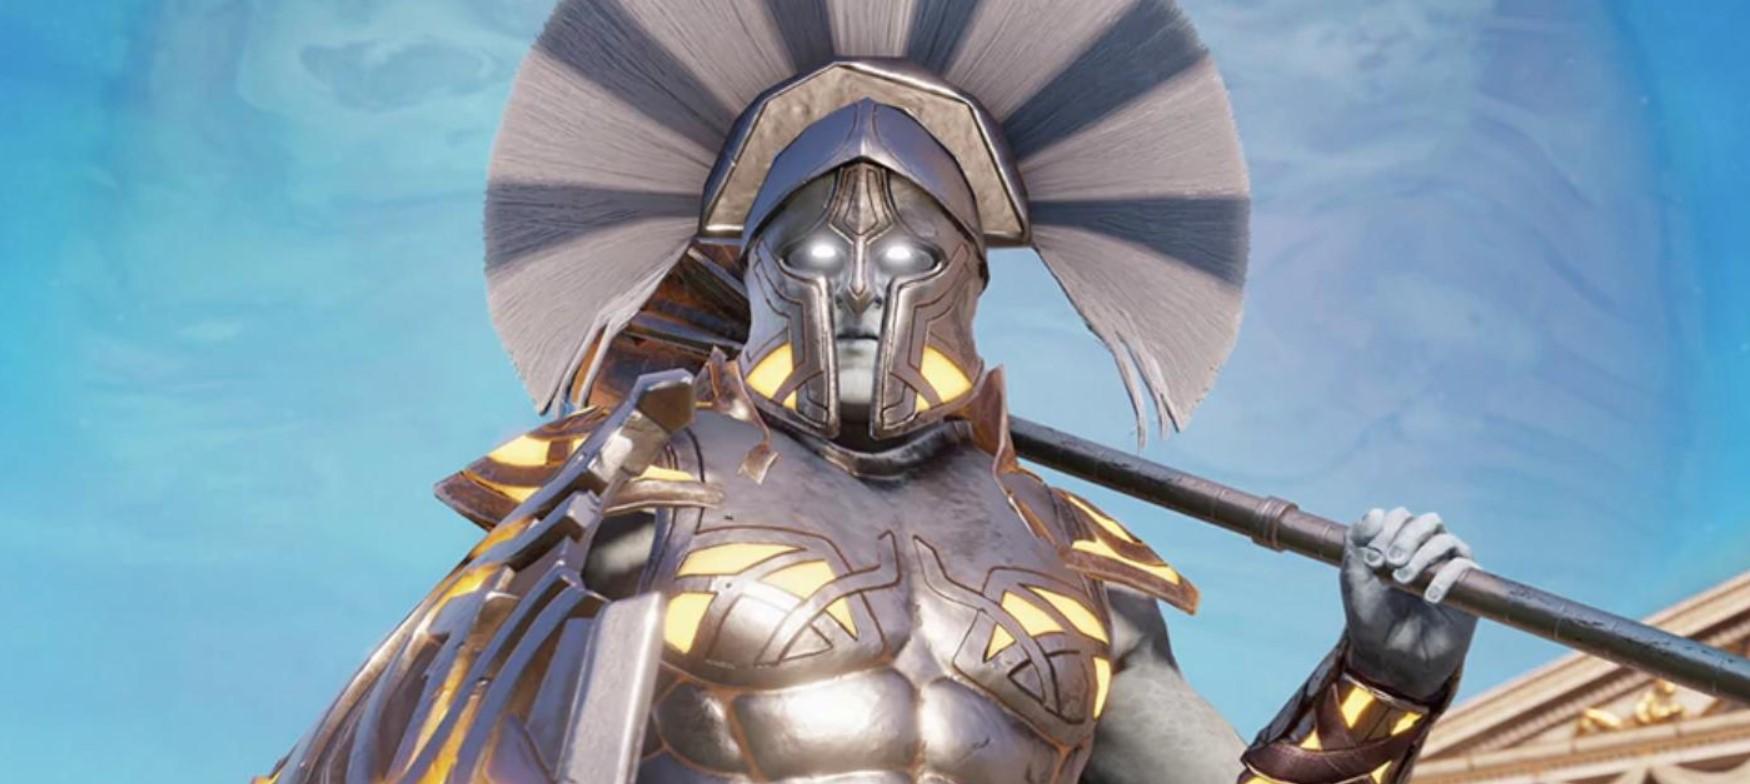 Хакер хочет взломать все игры сDenuvo. Уже пострадала Assassin's Creed Odyssey